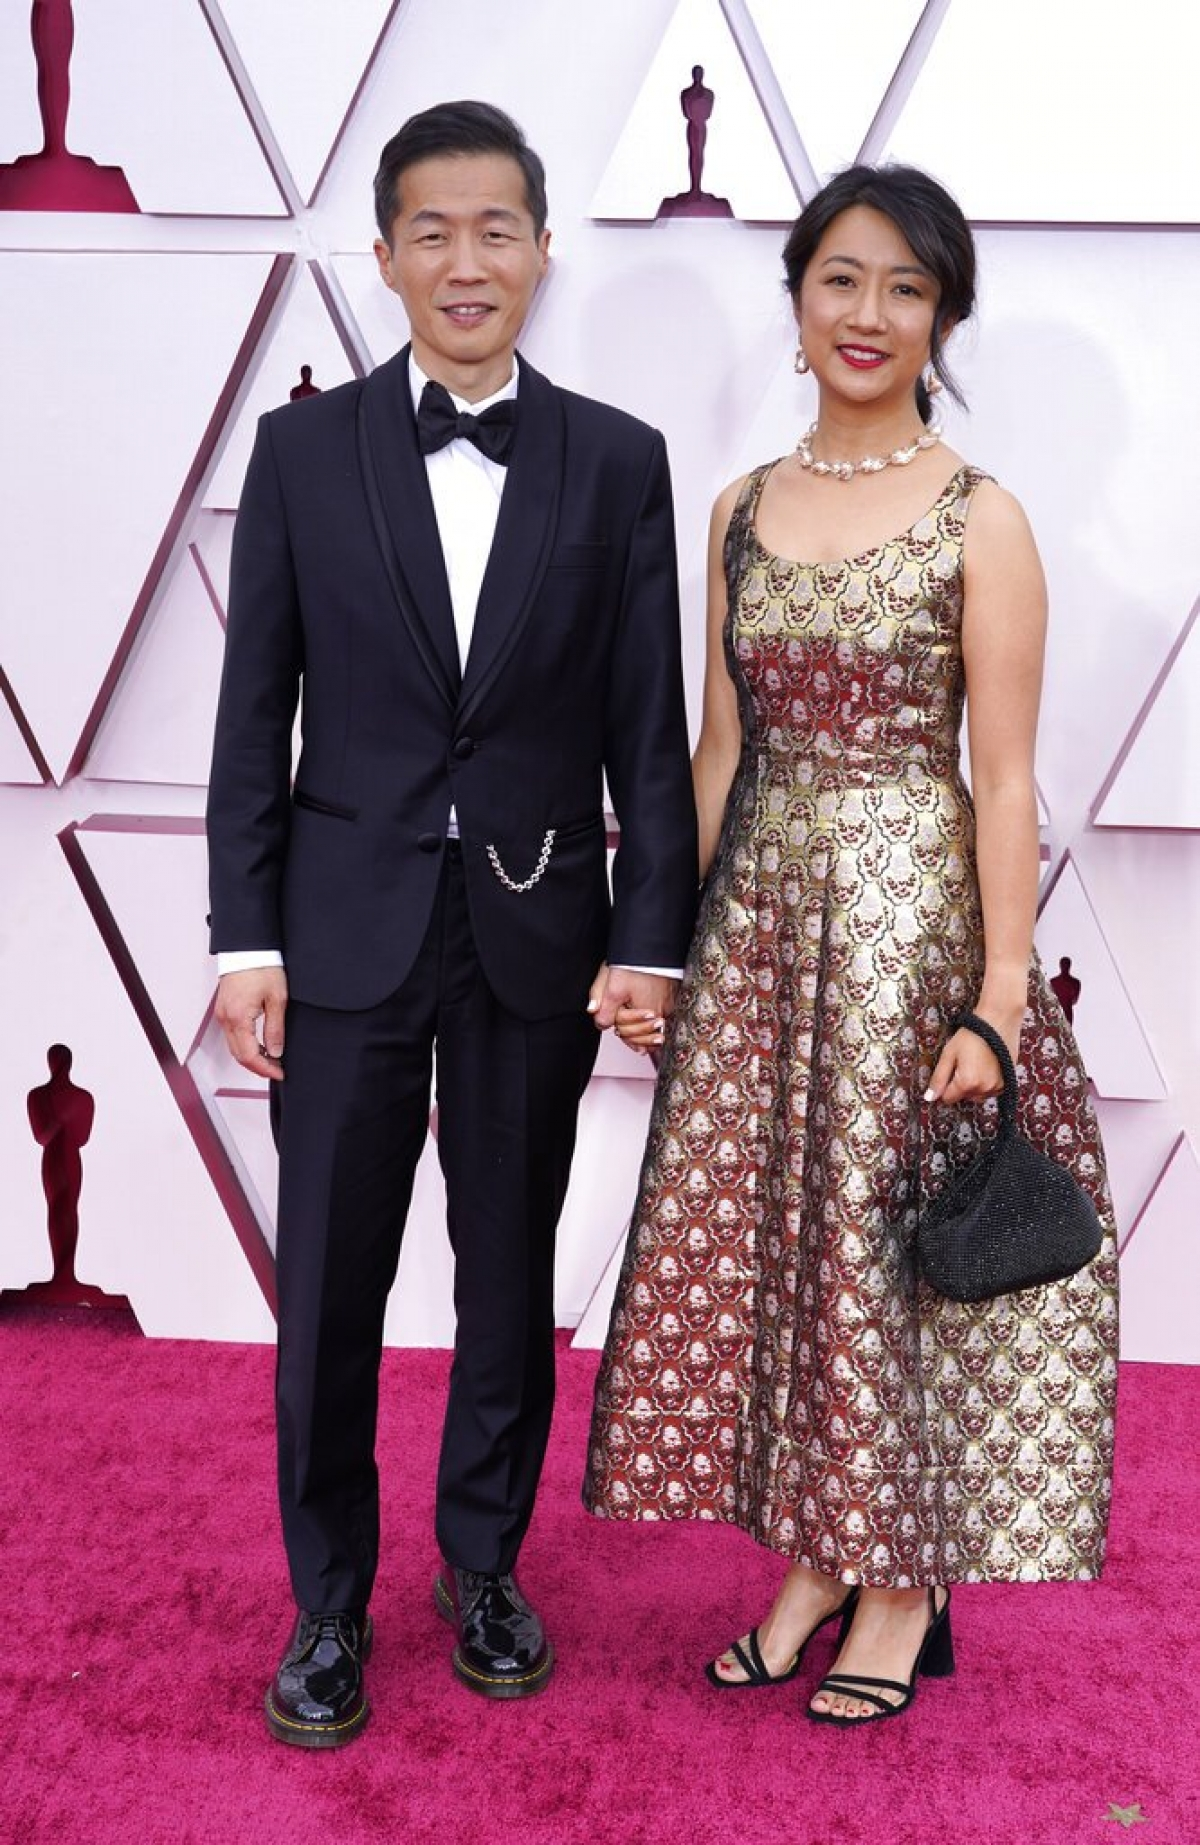 """Đạo diễn """"Minari"""", Lee Isaac Chung được đề cử """"Đạo diễn xuất sắc nhất"""" cho Minari. Sánh đôi cùng nam đạo diễn trên thảm đỏ là người vợ thân yêu."""